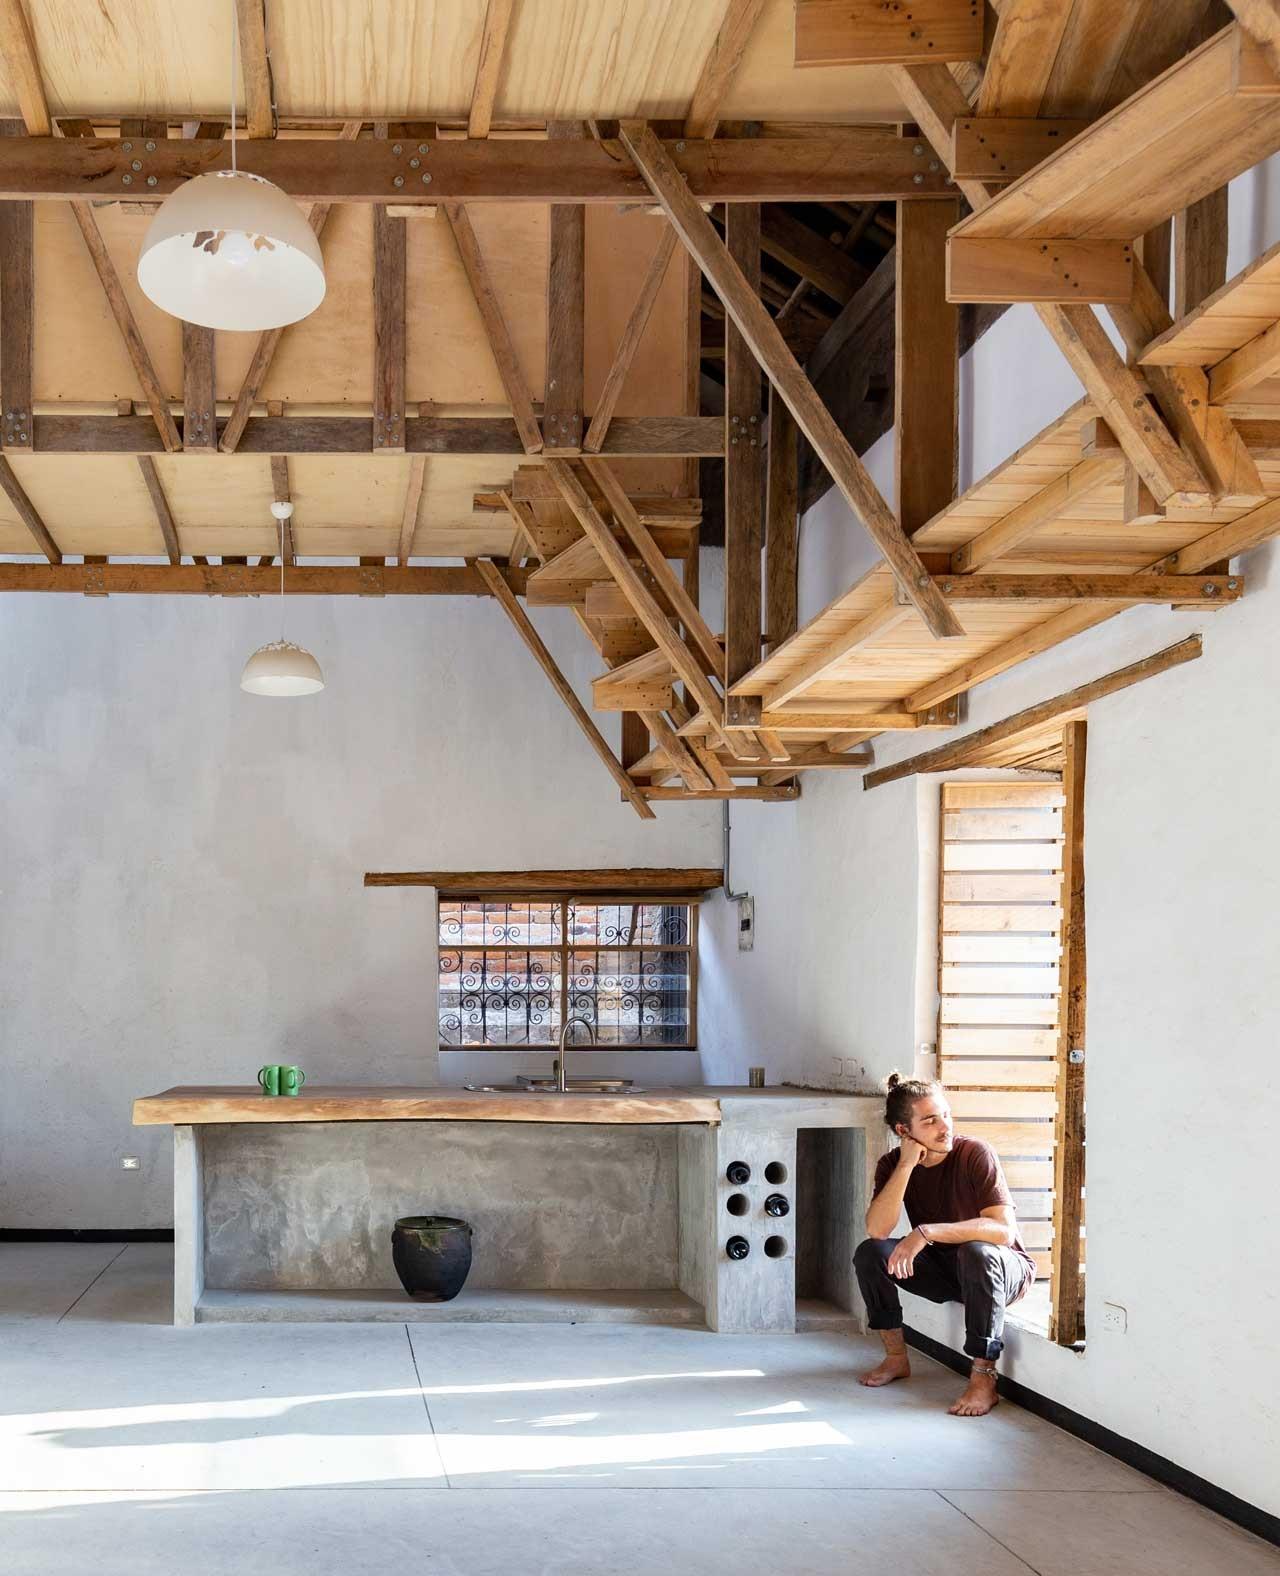 Migliori Libri Interior Design tre nuovi libri di design per un viaggio tra gli interni più